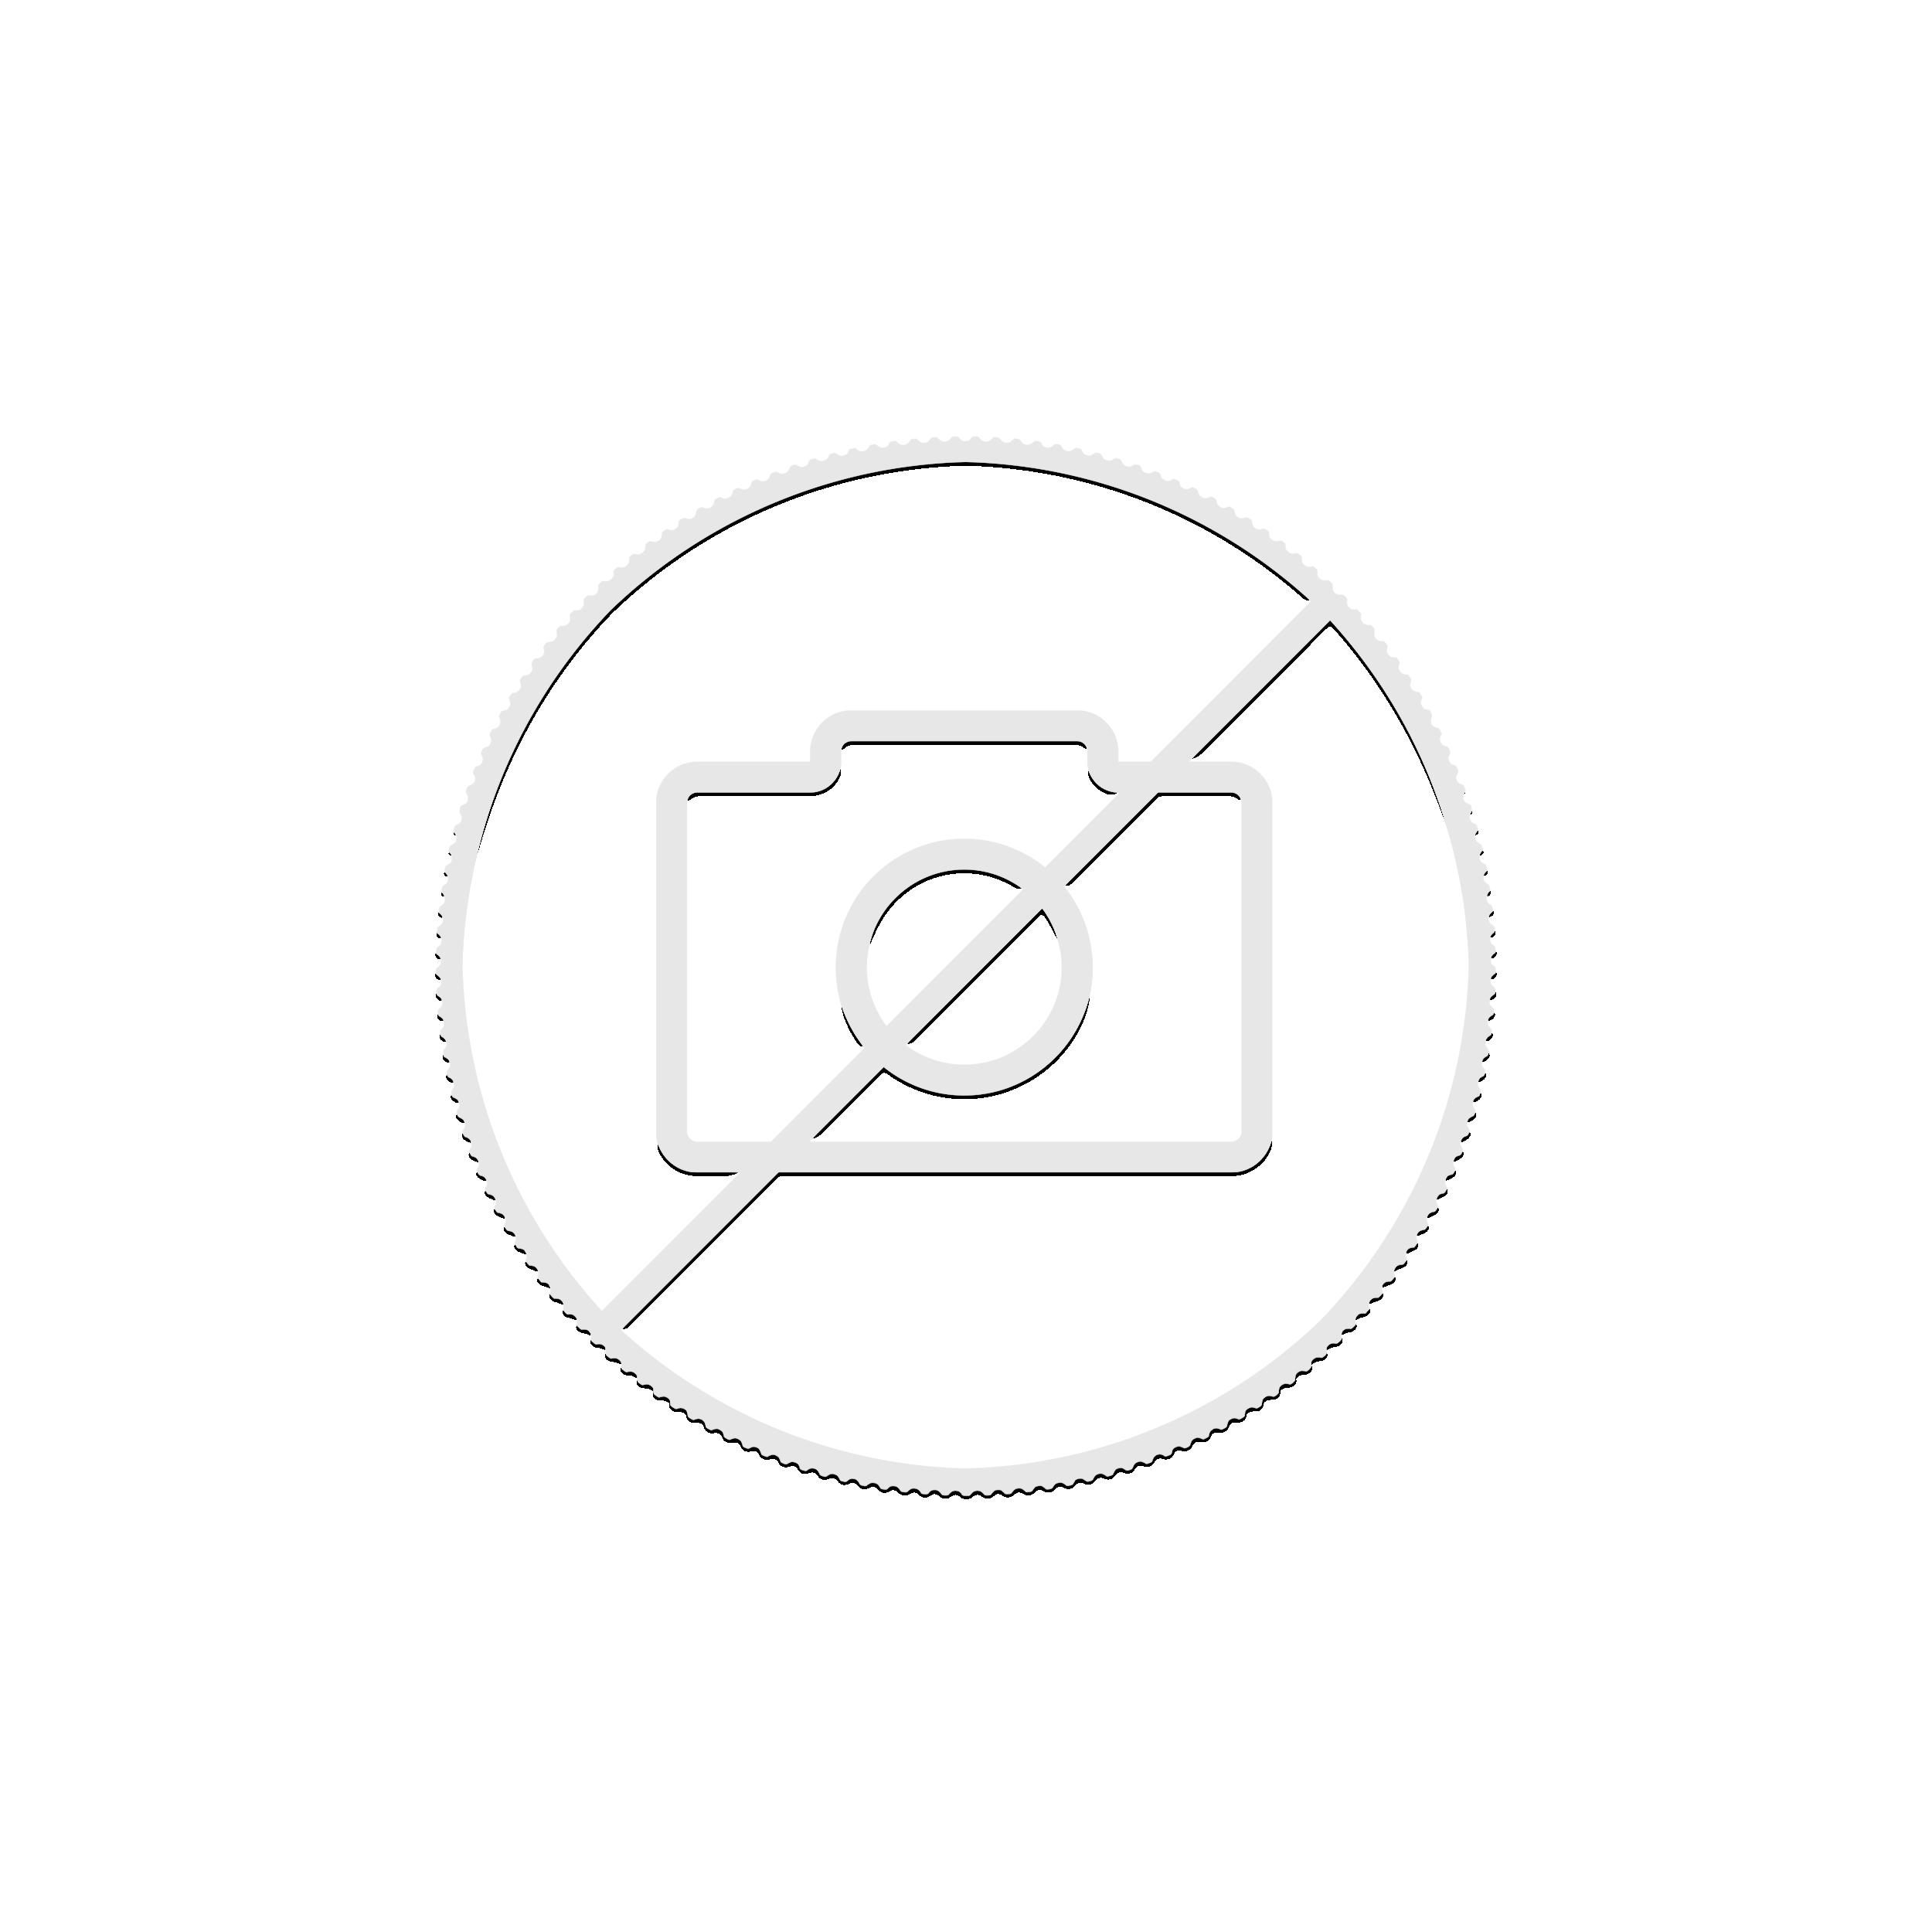 10 troy ounce zilveren Lunar munt 2008 Jaar van de Muis